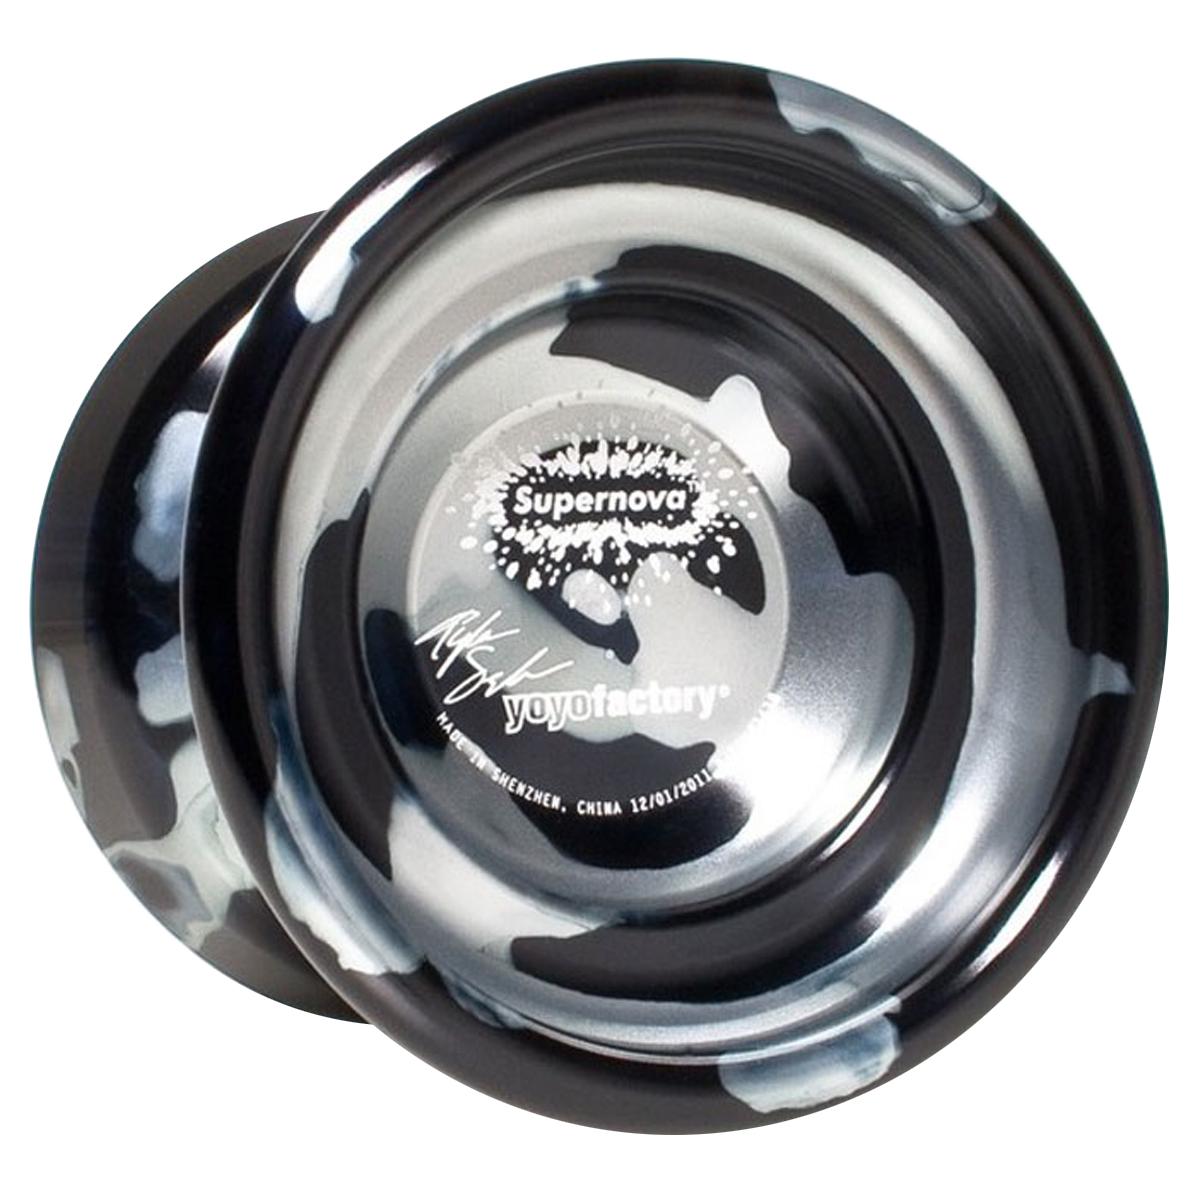 Йо-йо YoYoFactory Supernova, цвет: черный, серебристый supernova adidas